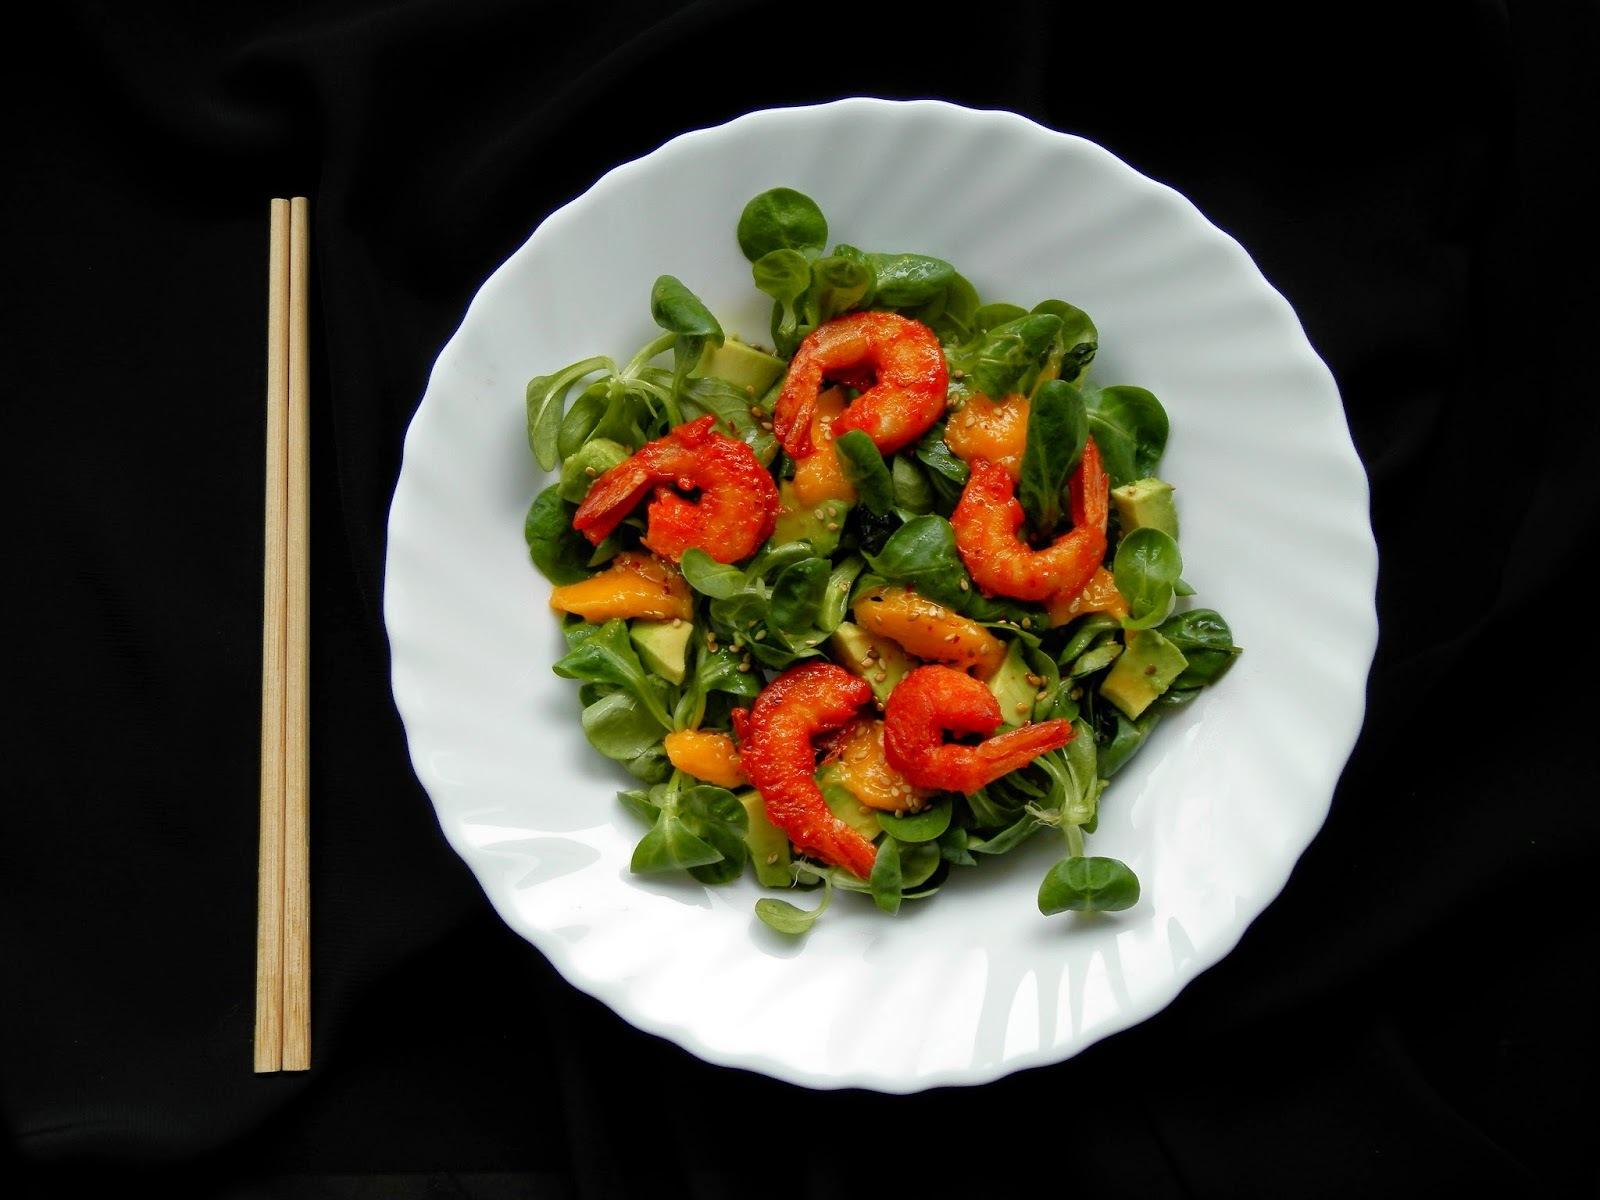 Salade thaï à l'avocat et mangue et ses crevettes panées aux épices tandoori